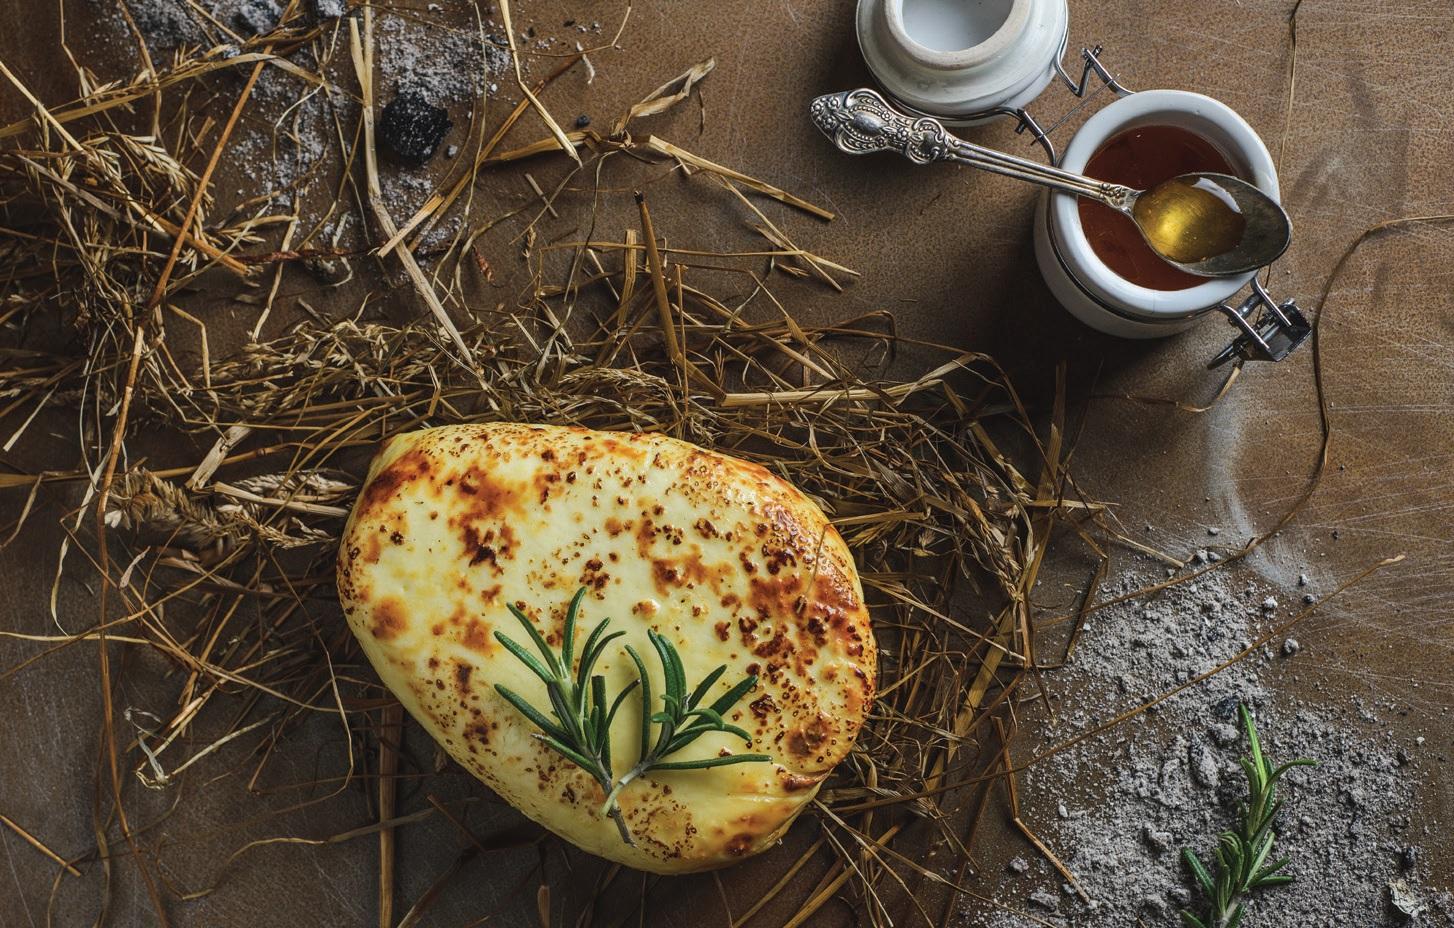 Miduje raugintas zanavykiškas varškės sūris su šieno kremu